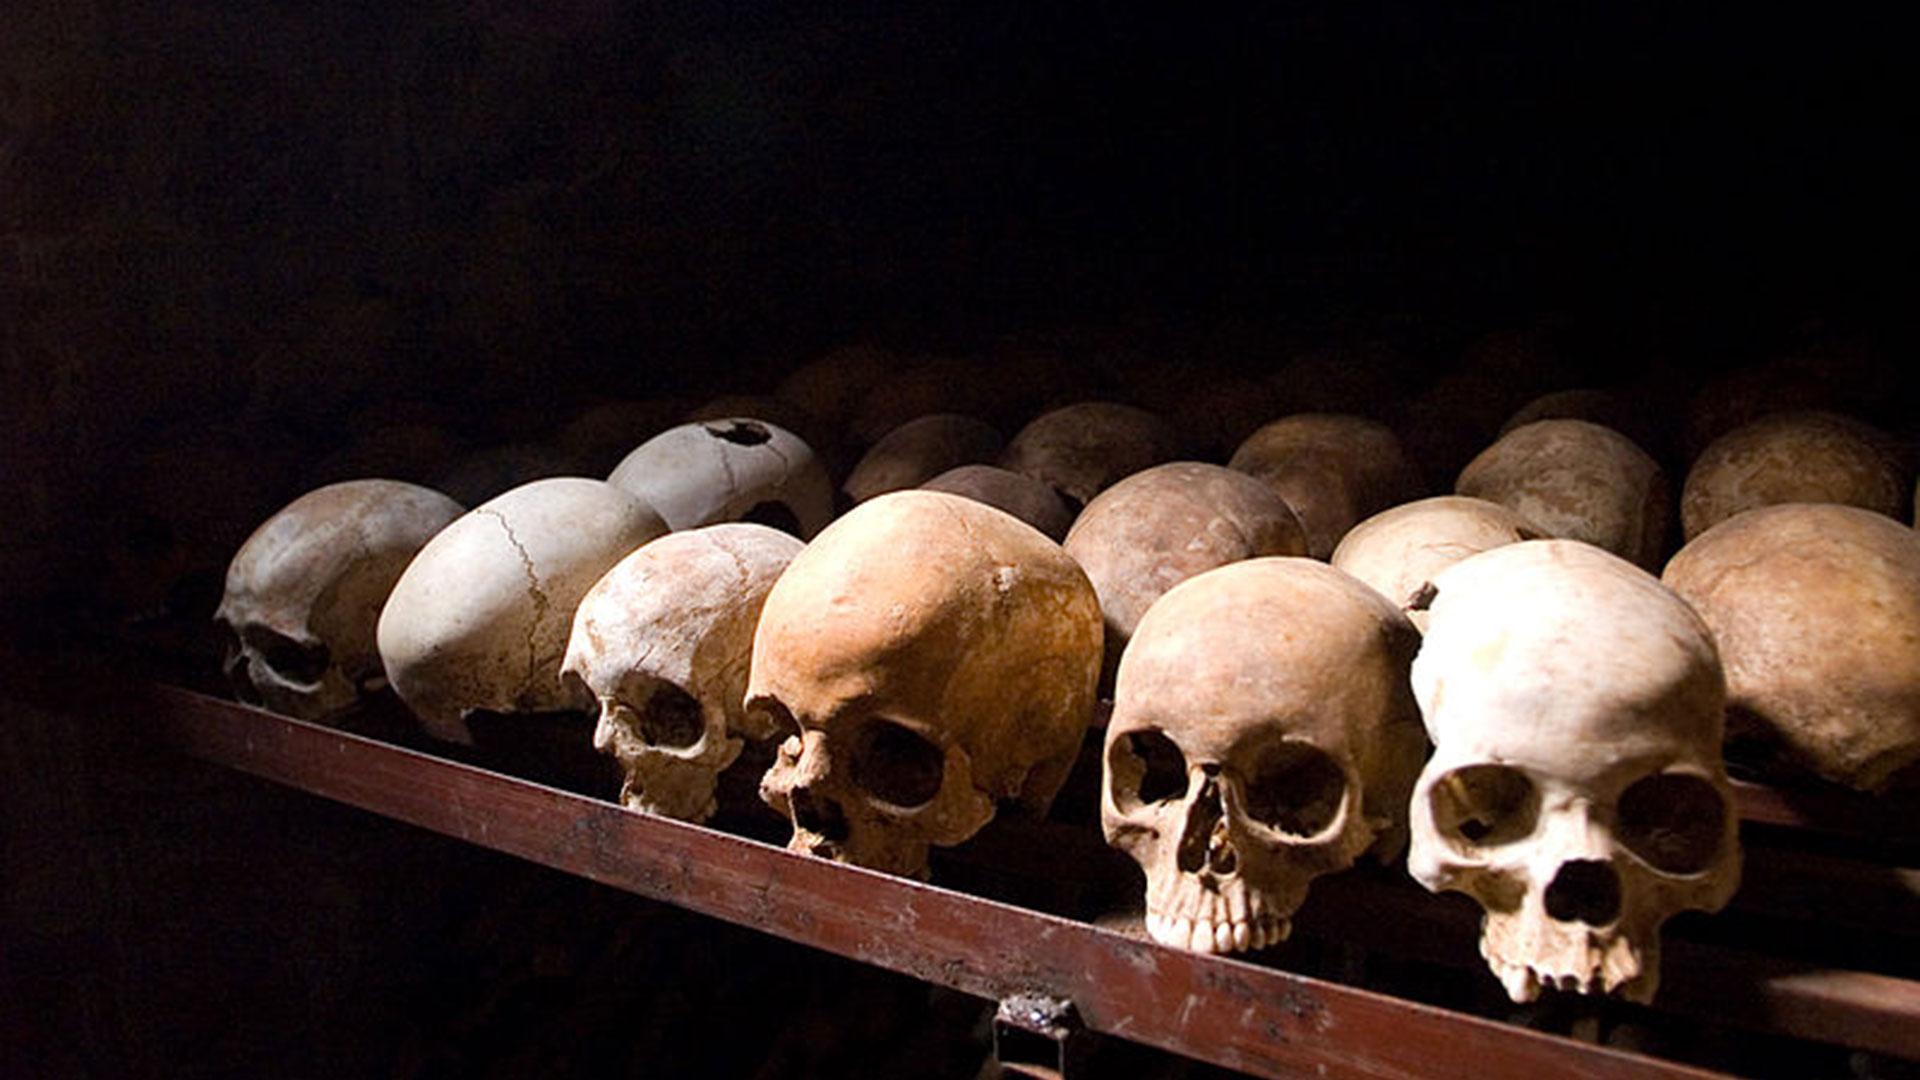 Calaveras pertenecientes a víctimas del genocidio, exhibidas en el Memorial Nyamata, ubicado en la ciudad de Kinazi (Fanny Schertzer)